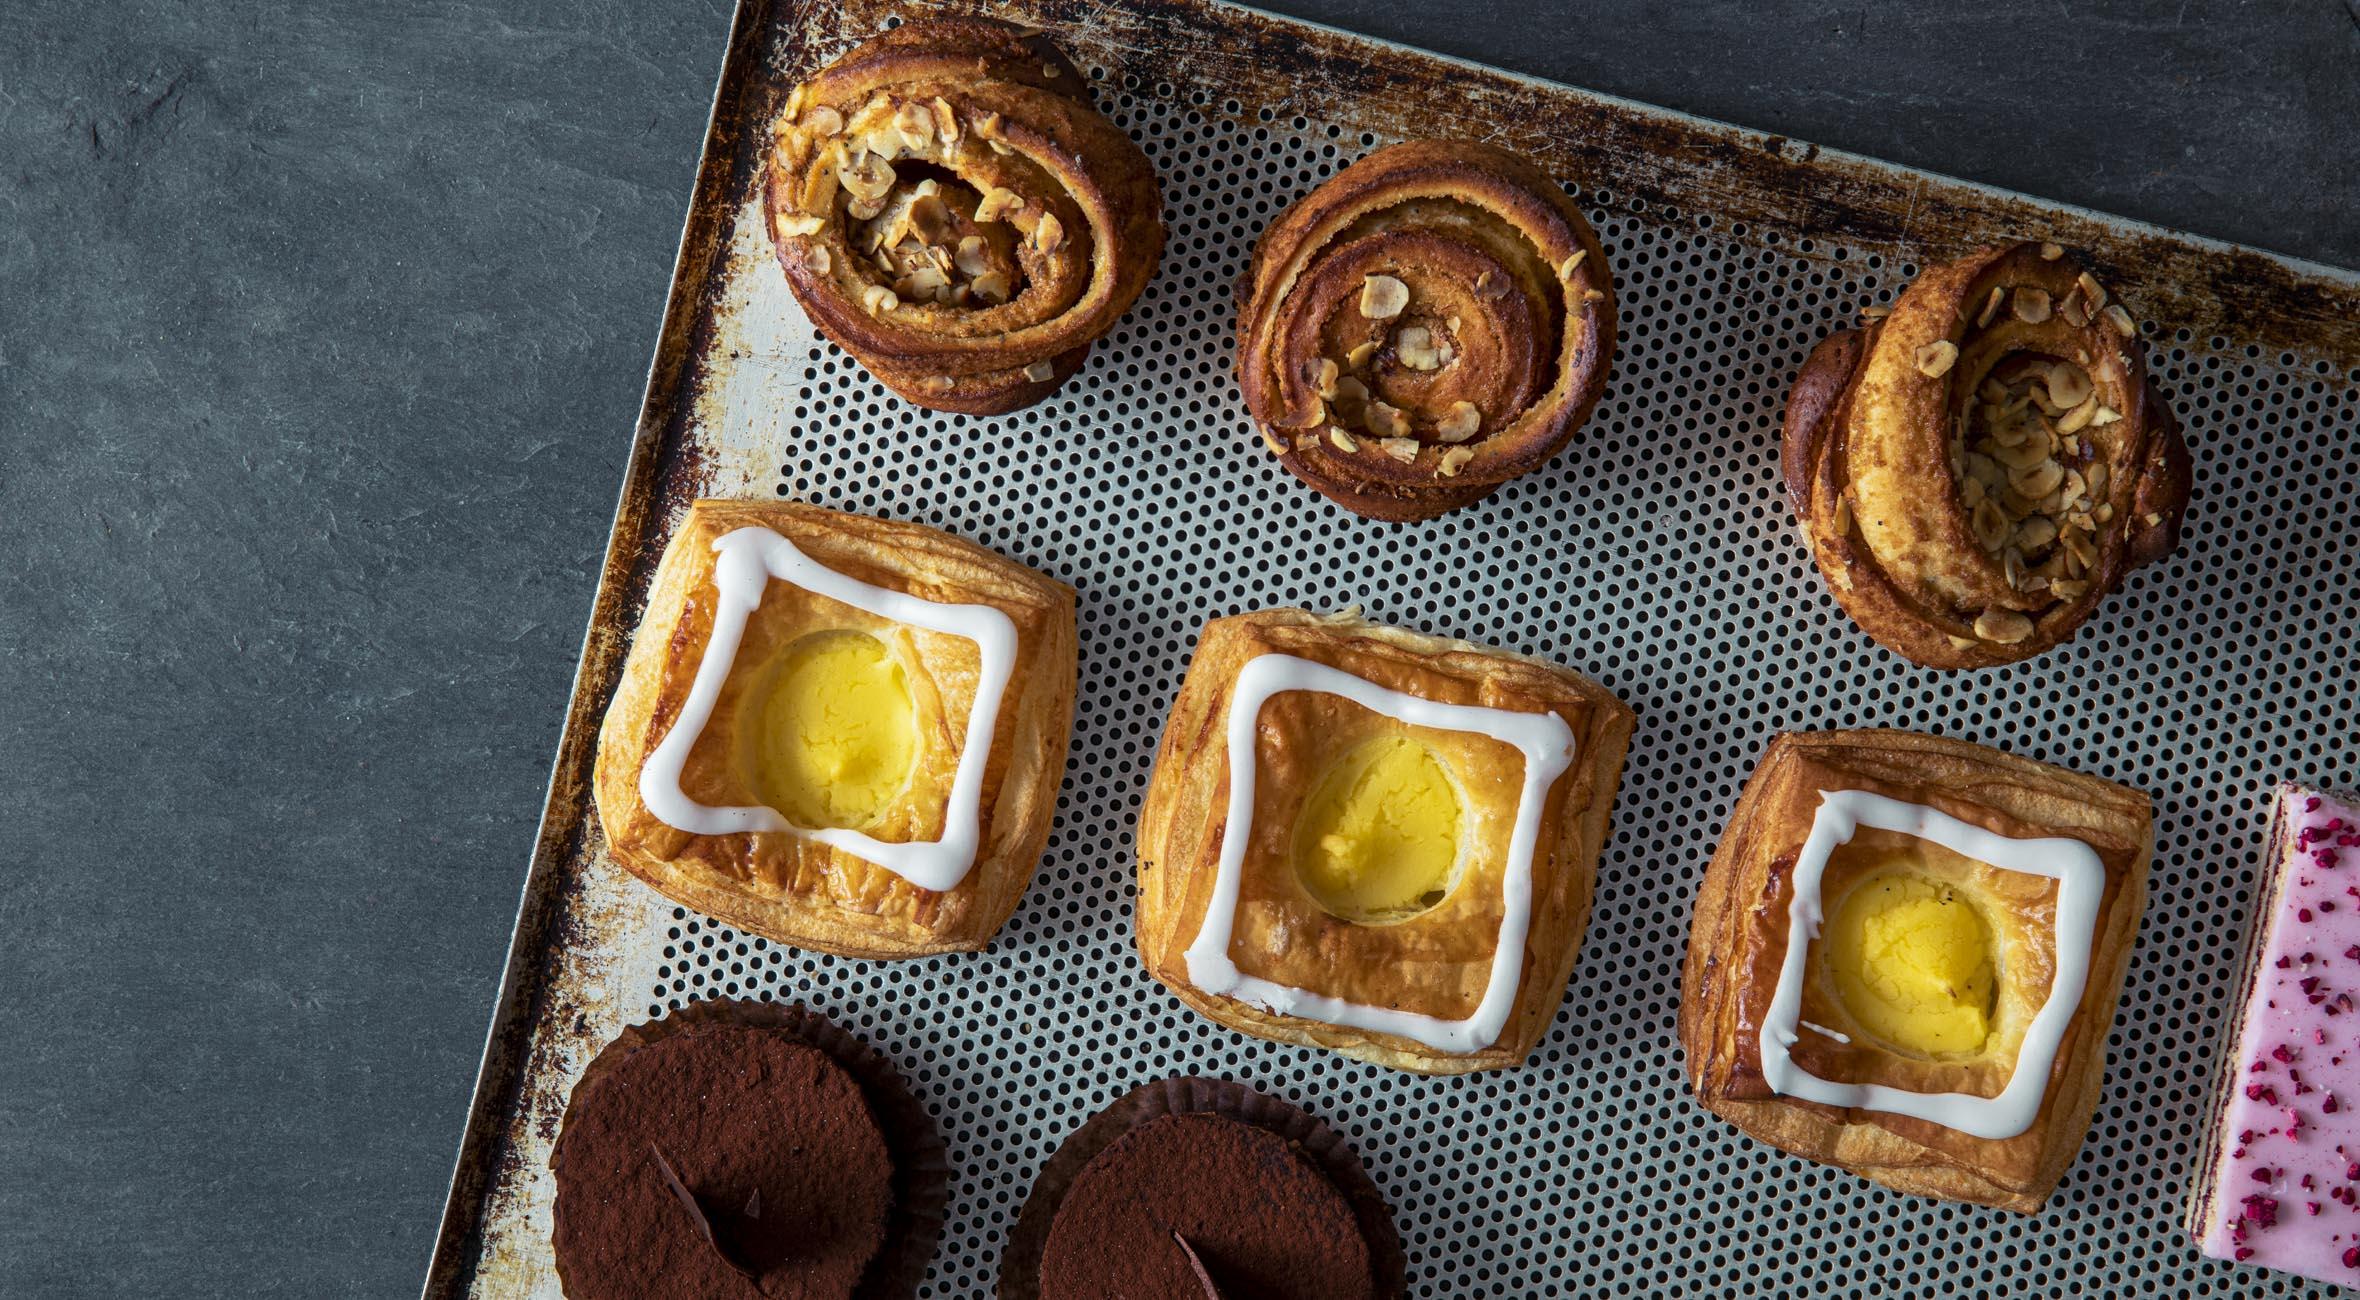 Frit valg til alt hos Bagt på Gammel Kongevej – Populært bageri indtager nu også Frederiksberg